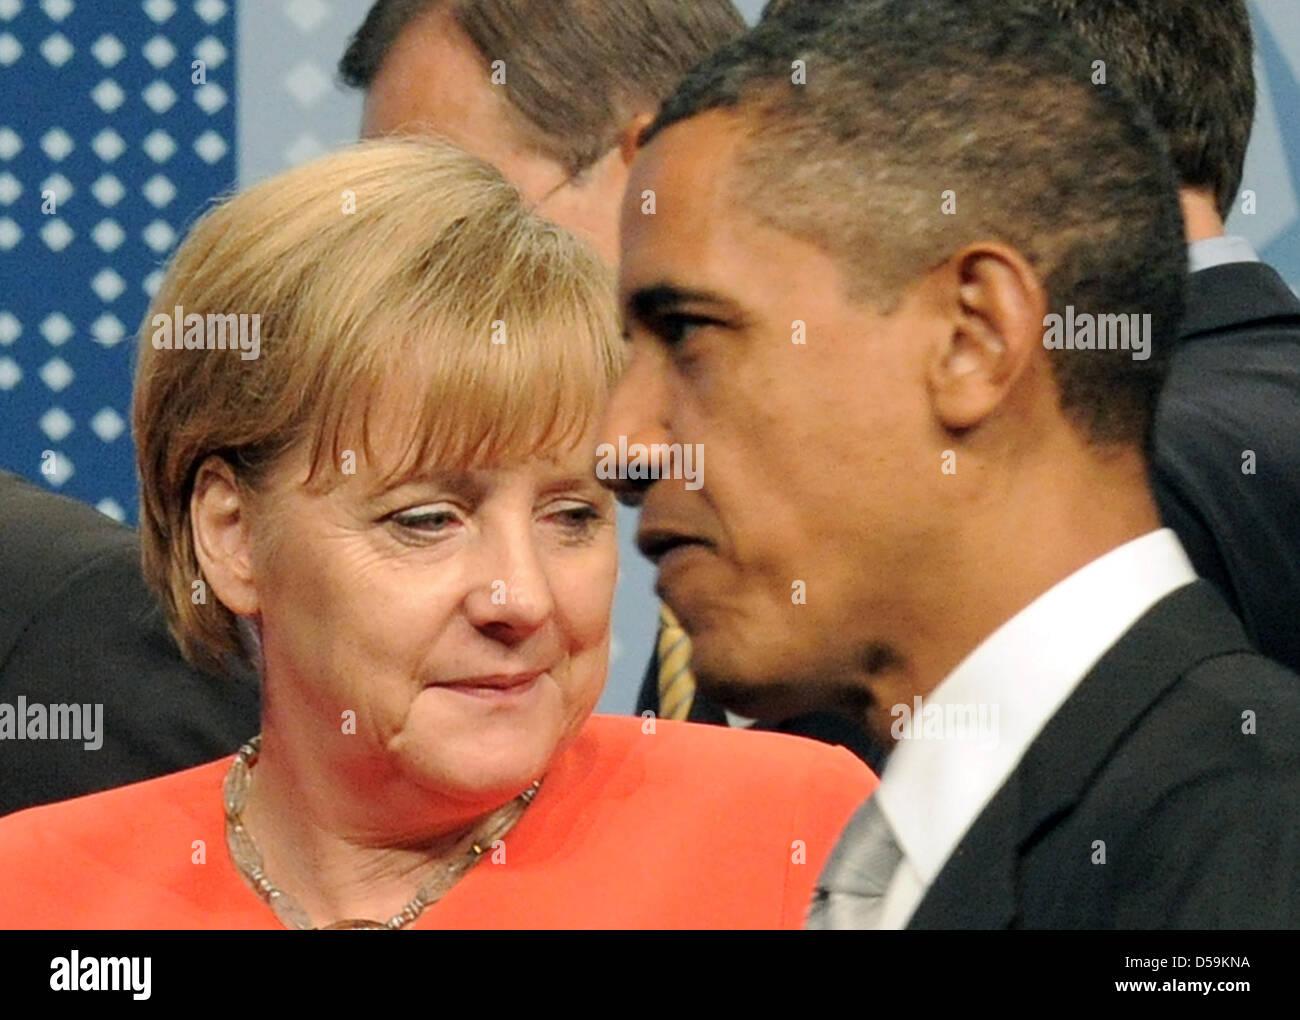 Bundeskanzlerin Angela Merkel und US-Präsident Barack Obama gehen am Sonntag (27.06.2010) in Toronto am Rande - Stock Image